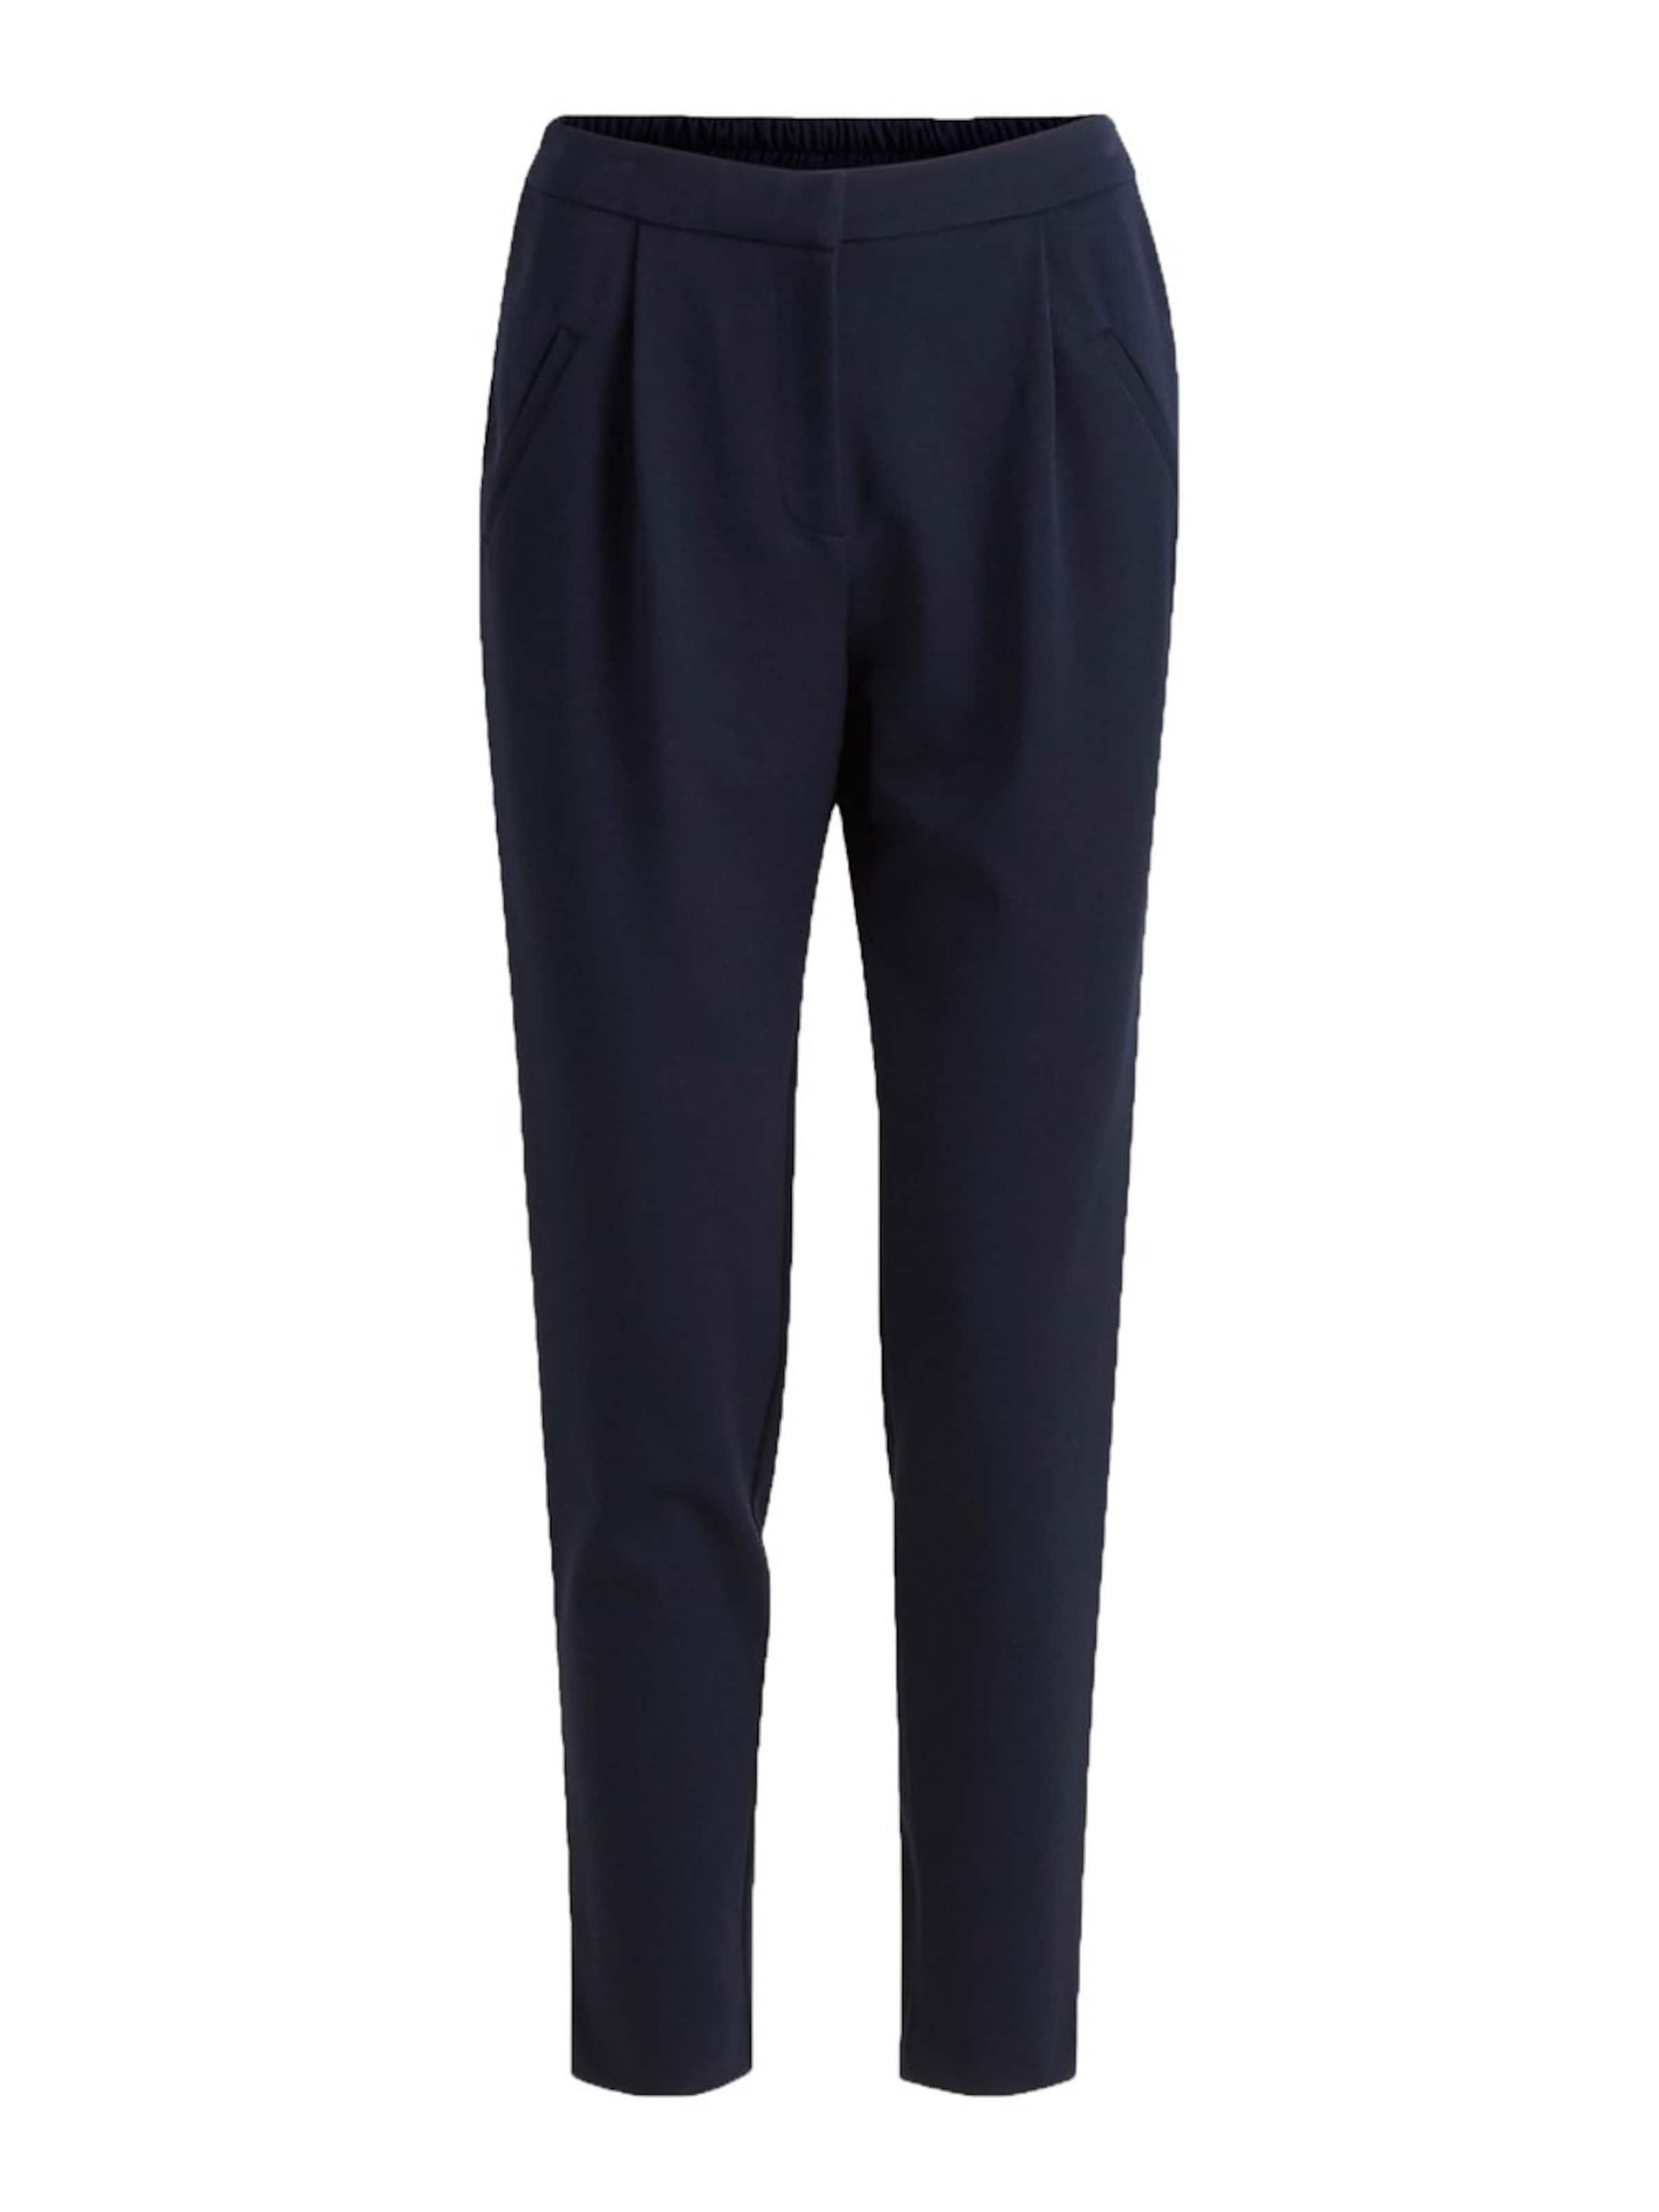 Y.A.S Lässige Workwear-Hose Spielraum Günstiger Preis Günstige Angebote Freies Verschiffen 100% Original tf27WNs5V